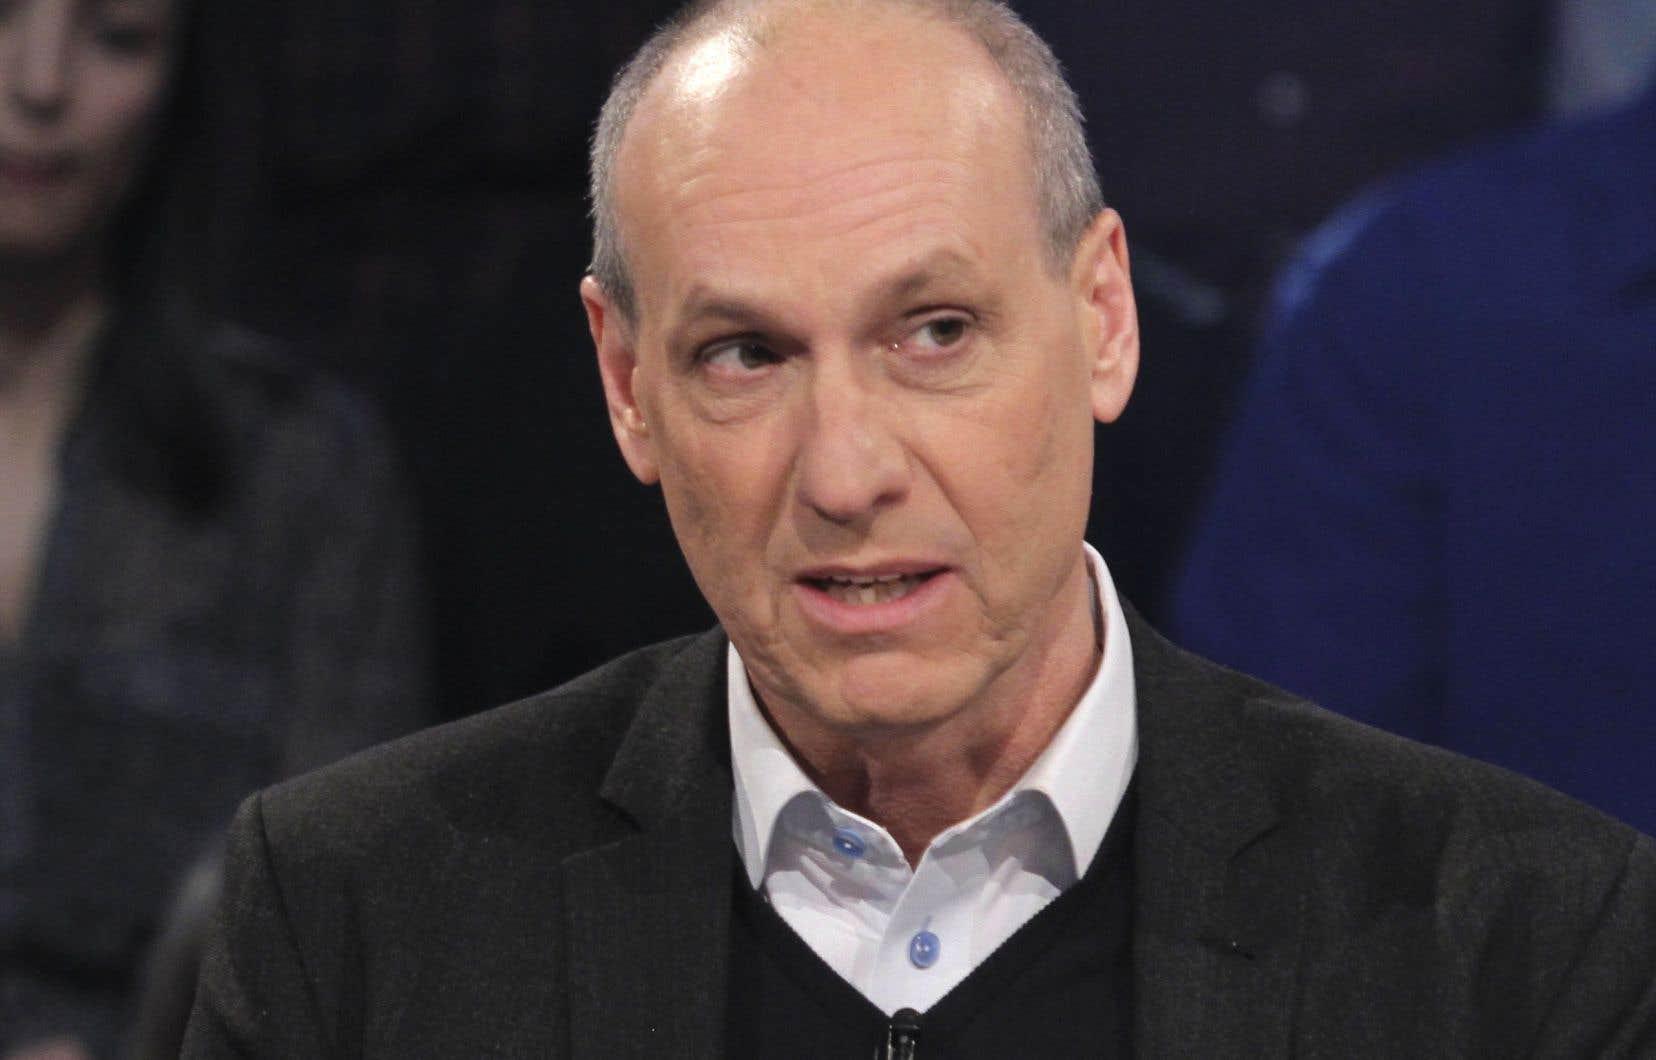 Dans sa décision initiale rendue en février 2015, le Conseil de presse avait jugé que Radio-Canada et son journaliste Alain Gravel avaient fait un «usage imprudent» d'une source confidentielle.